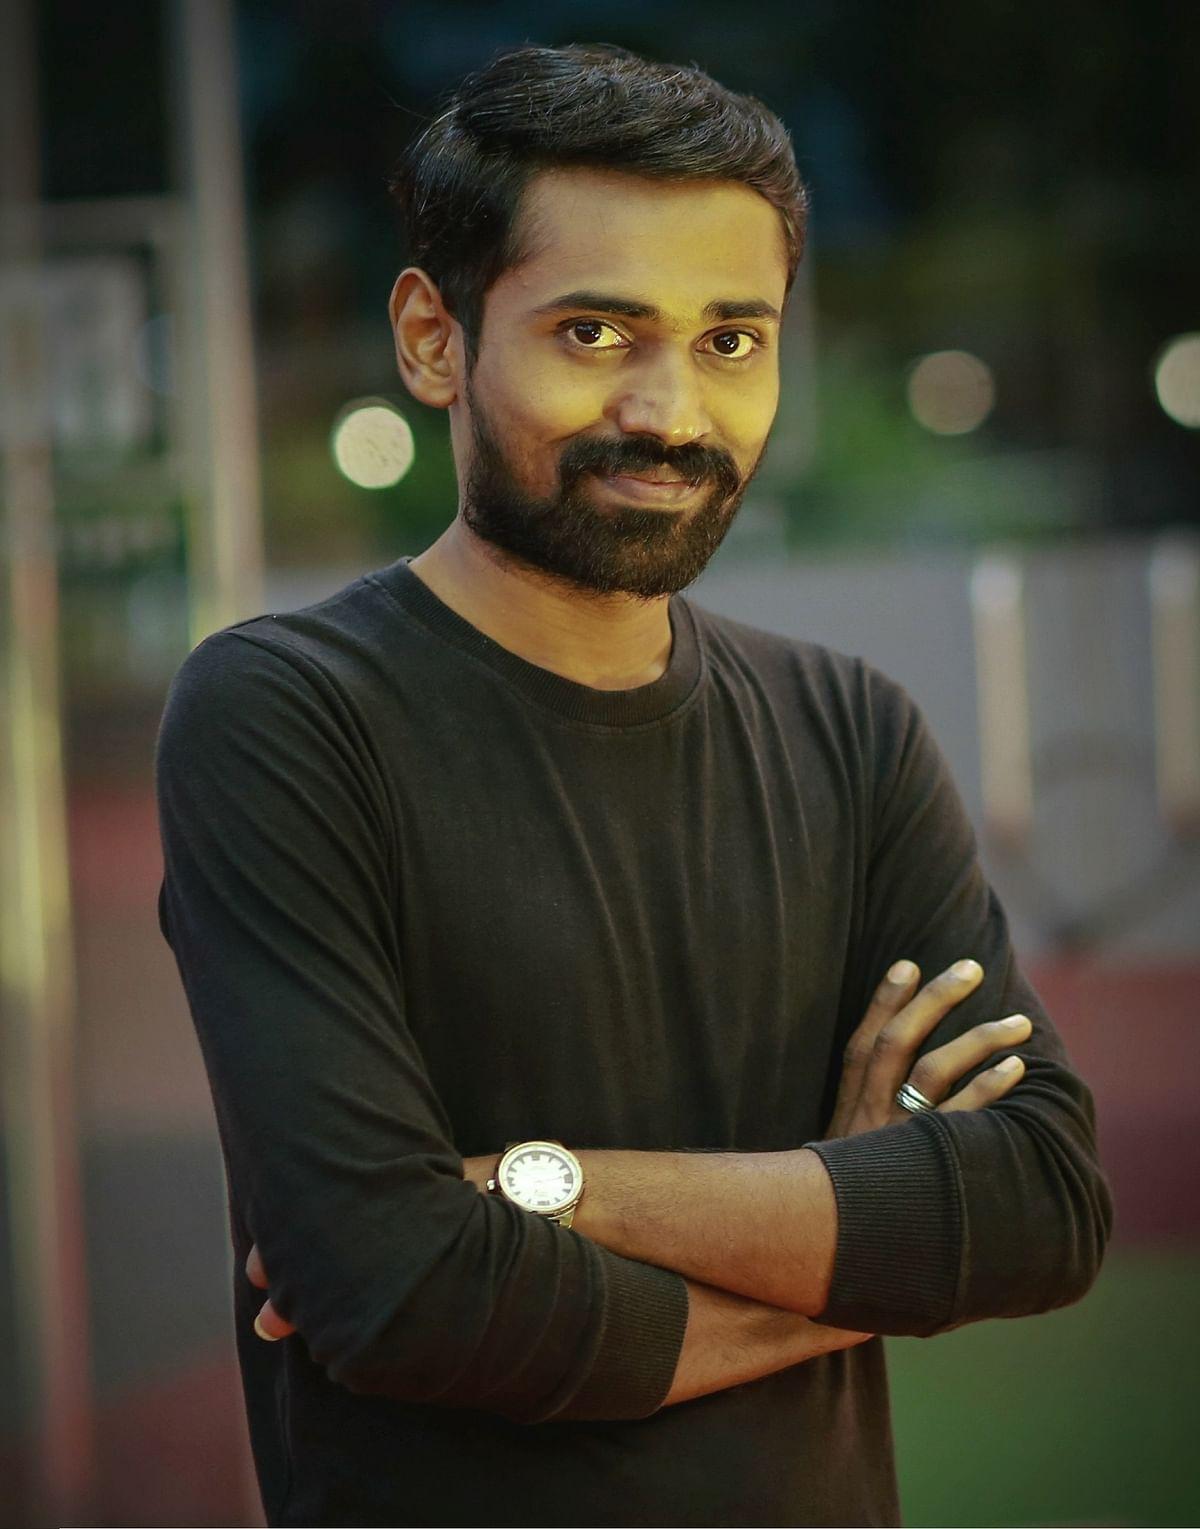 துரைராஜ் குணசேகரன்